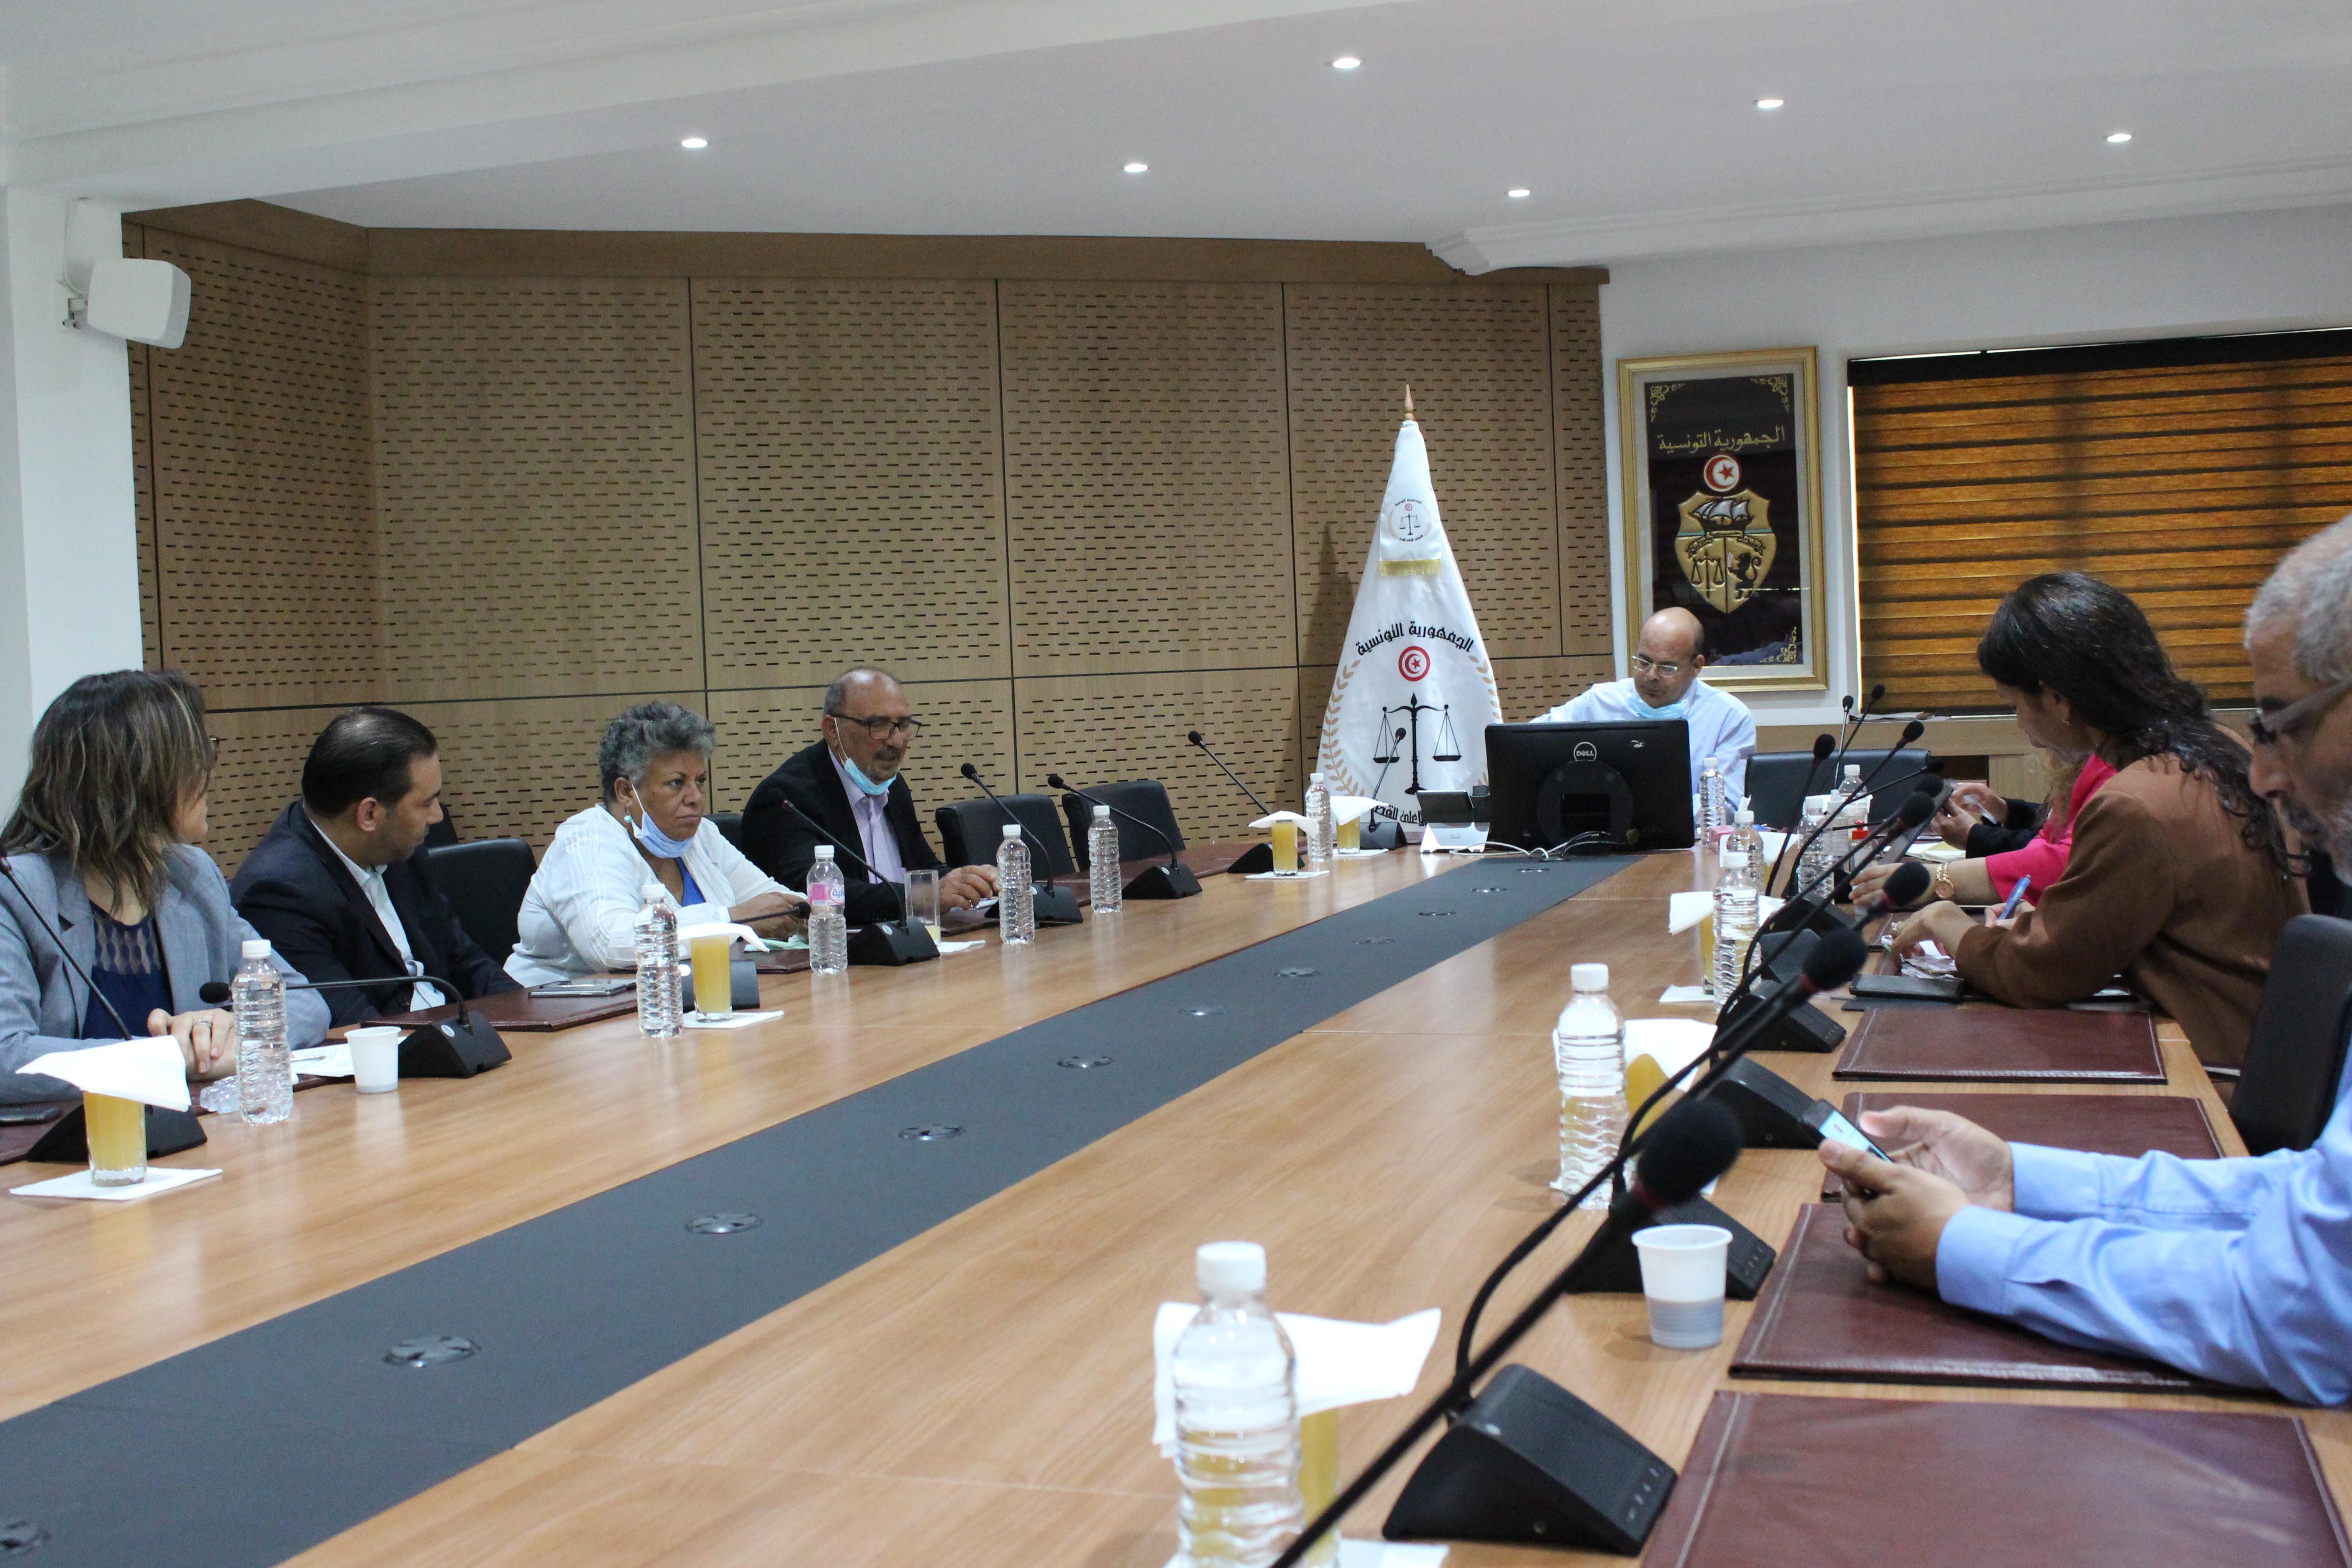 جلسة عمل مع الرابطة التونسية للدفاع عن حقوق الإنسان